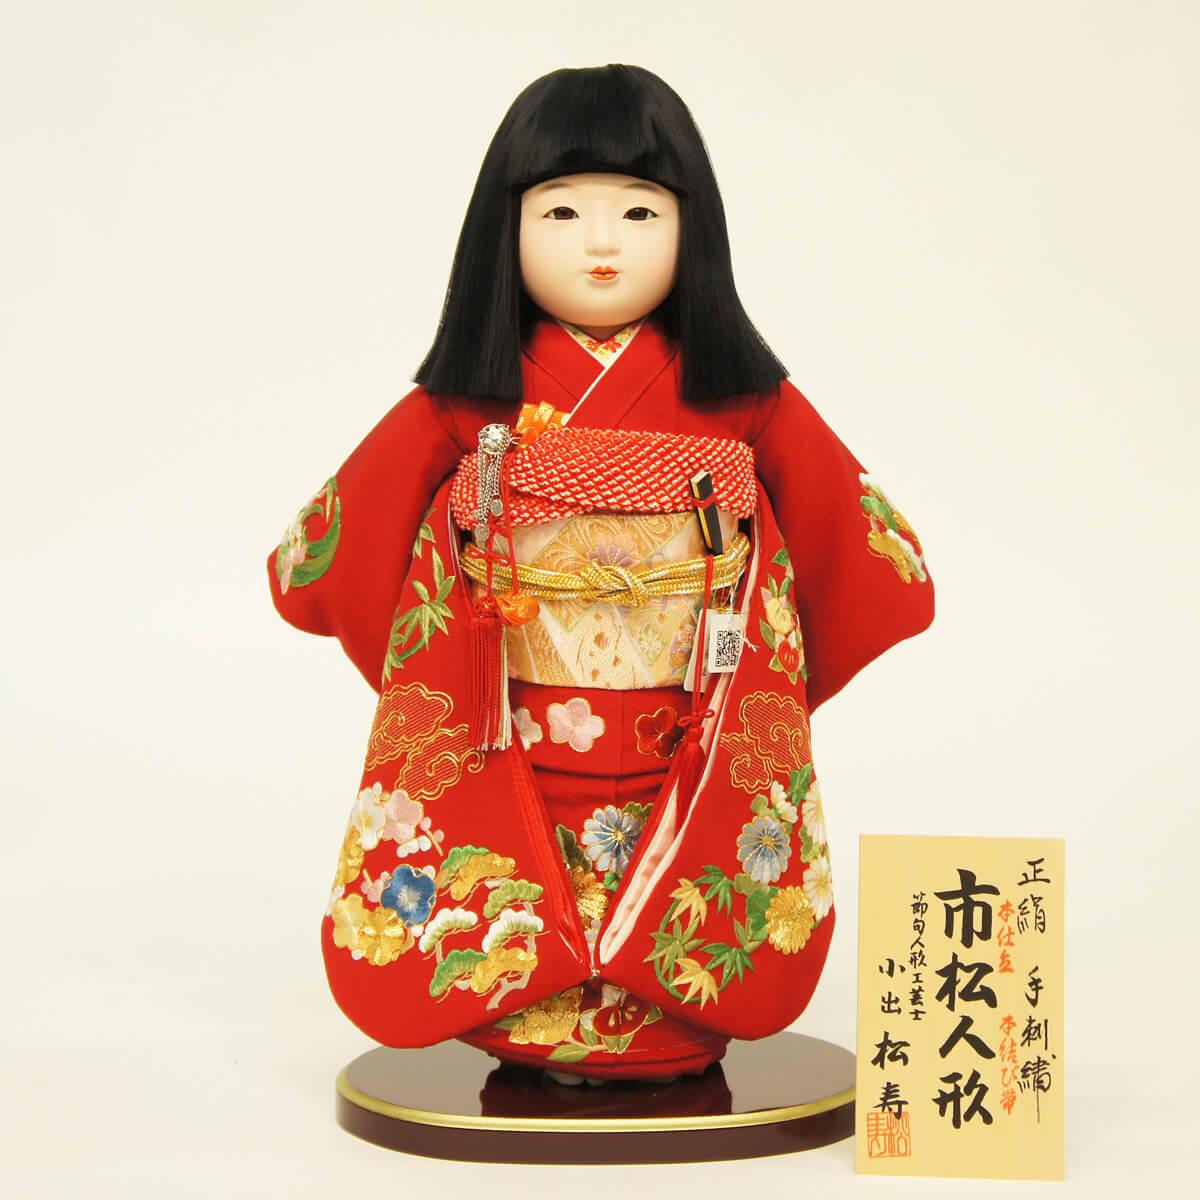 市松人形 松寿 コンパクト 市松人形 松寿作 市松人形 正絹一越手刺繍 花の丸 雲本仕立・練胴・本結帯 市松人形 ICMY-C027075-04Zひな人形 ひな人形 小さい